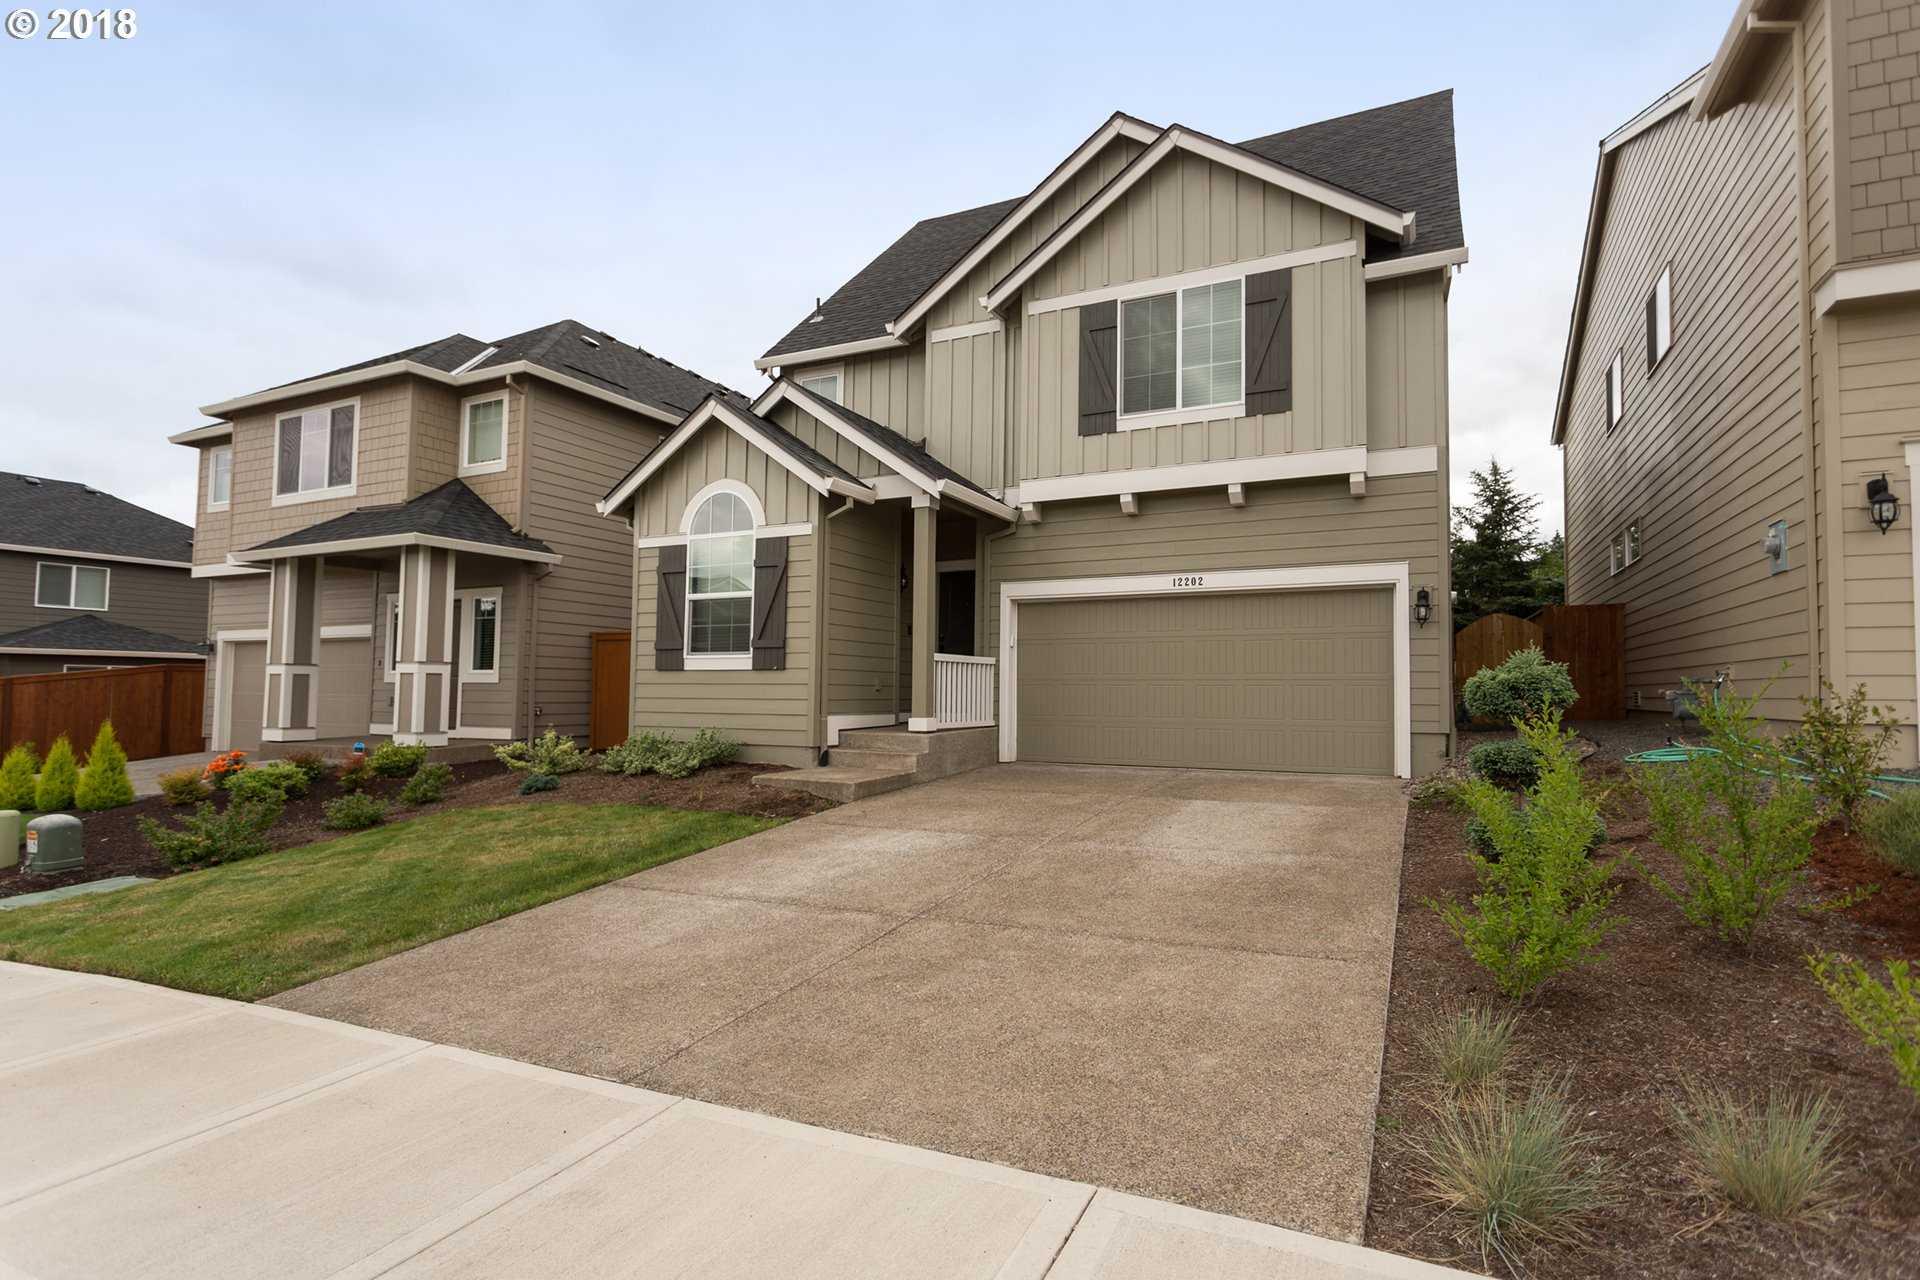 $480,000 - 4Br/3Ba -  for Sale in Rock Creek Meadows, Happy Valley